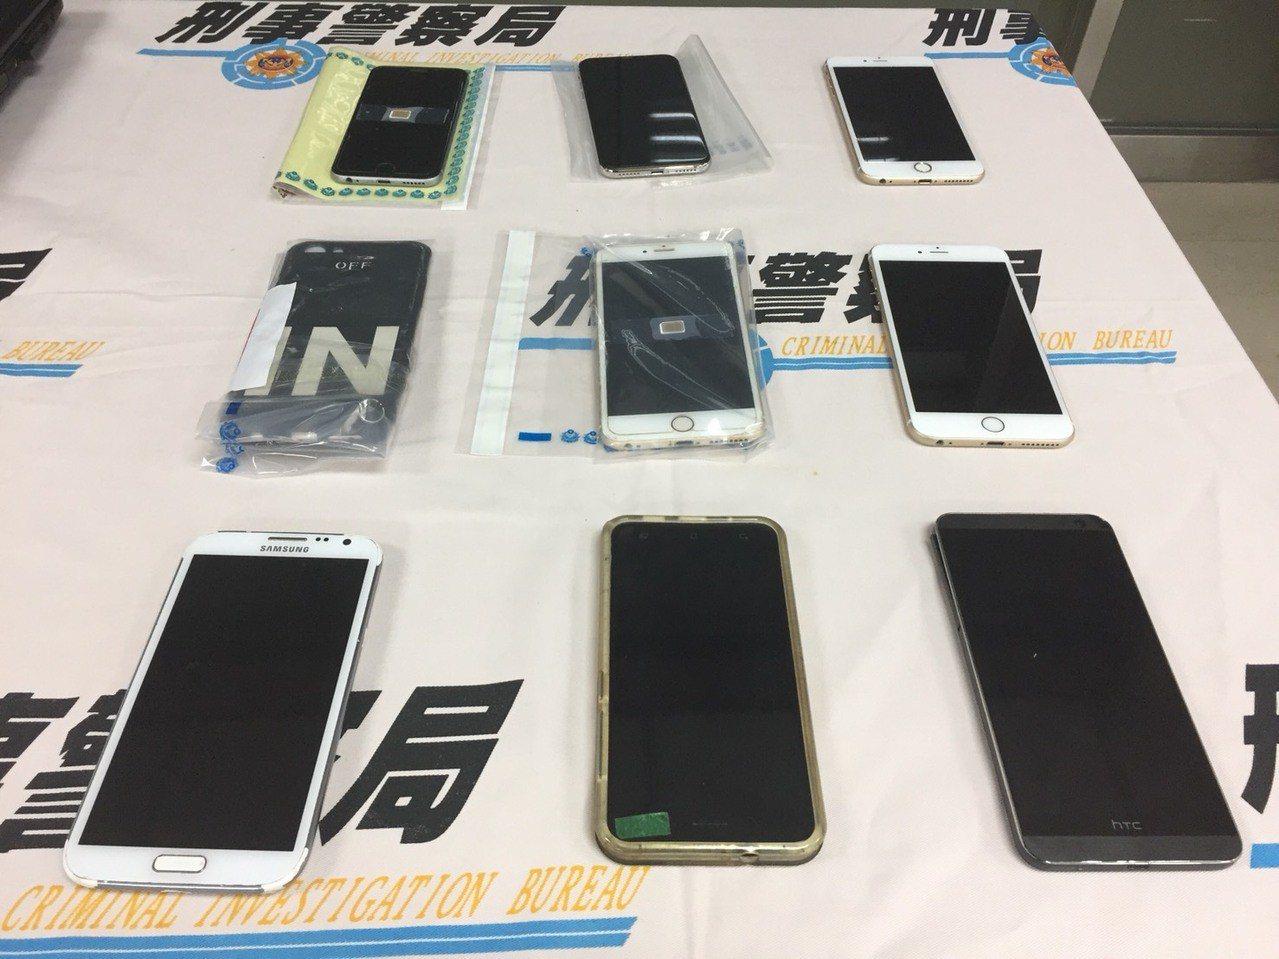 嫌犯用來聯絡的人頭手機。圖/刑事局提供